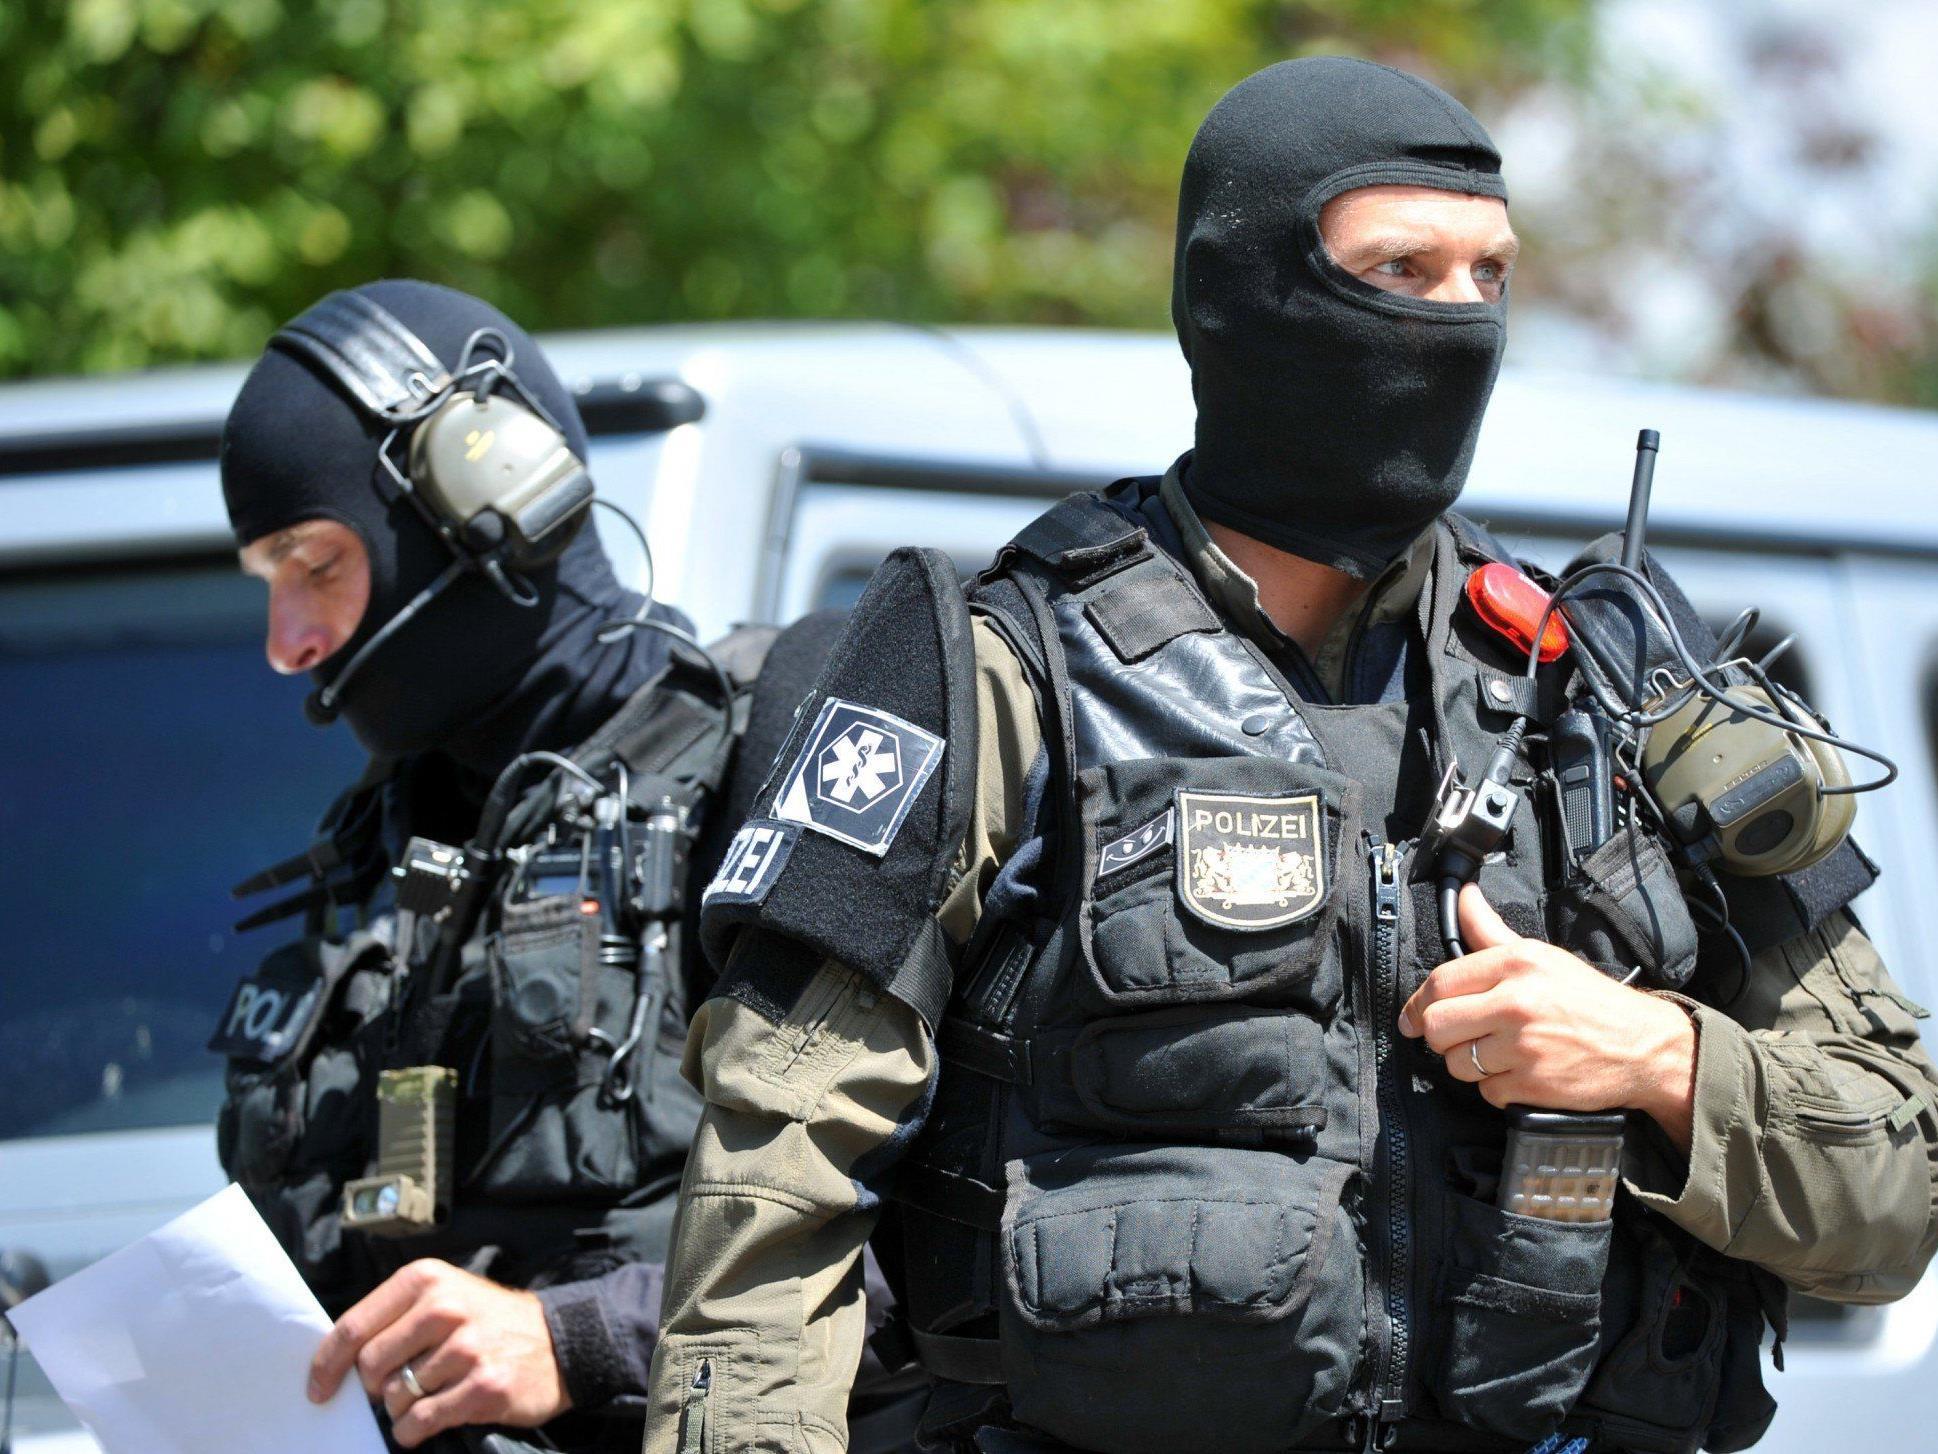 Deutscher Polizist schießt um sich und verschanzt sich - SEK vor Ort.